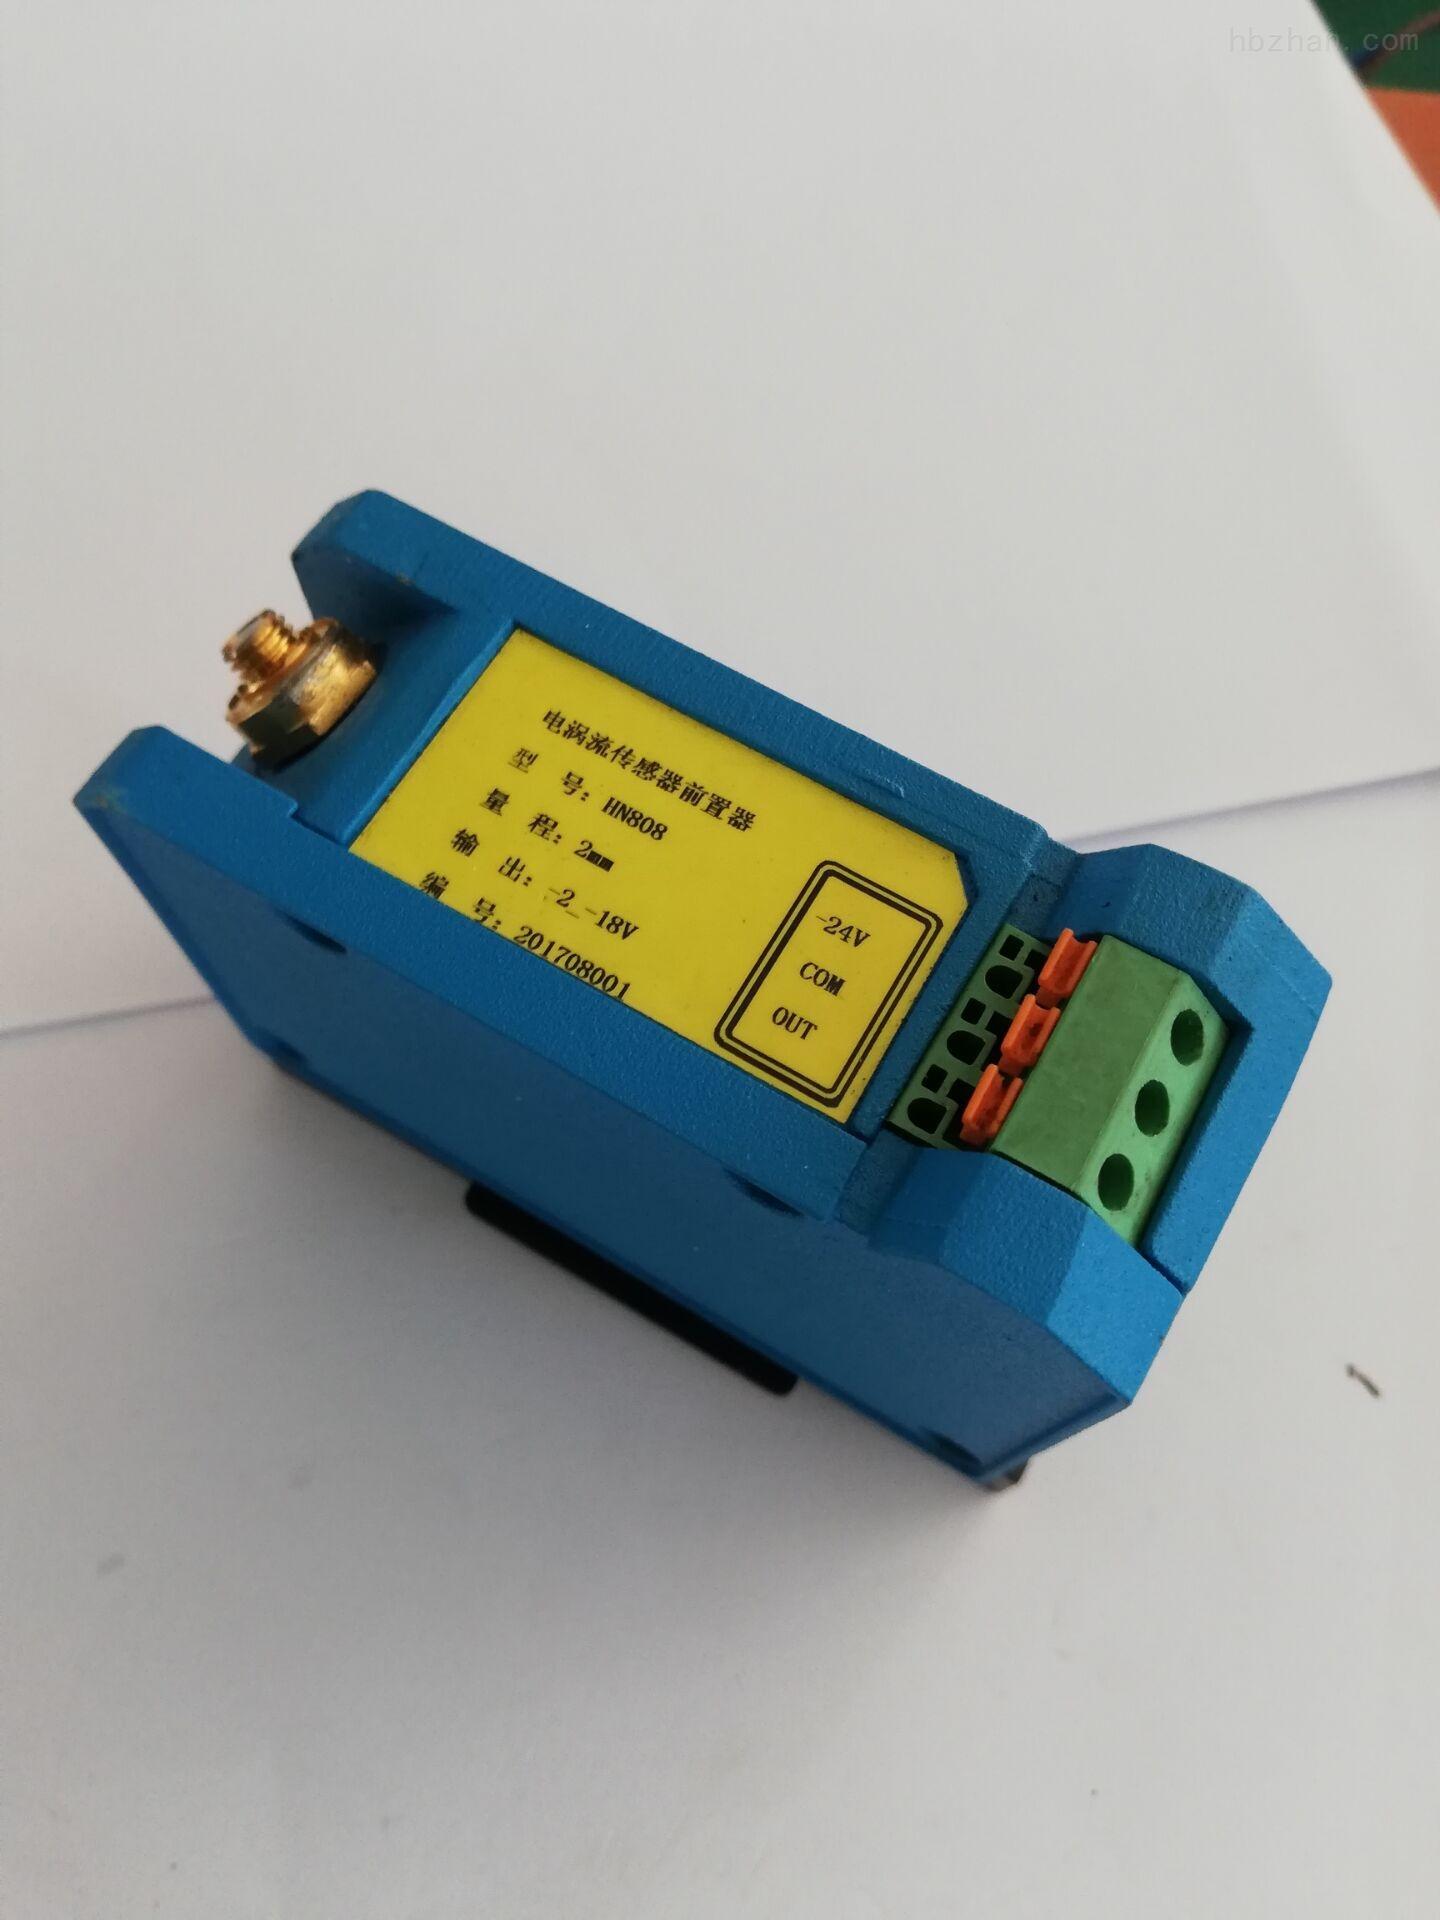 NE3911/NE3911E轴位移变送器